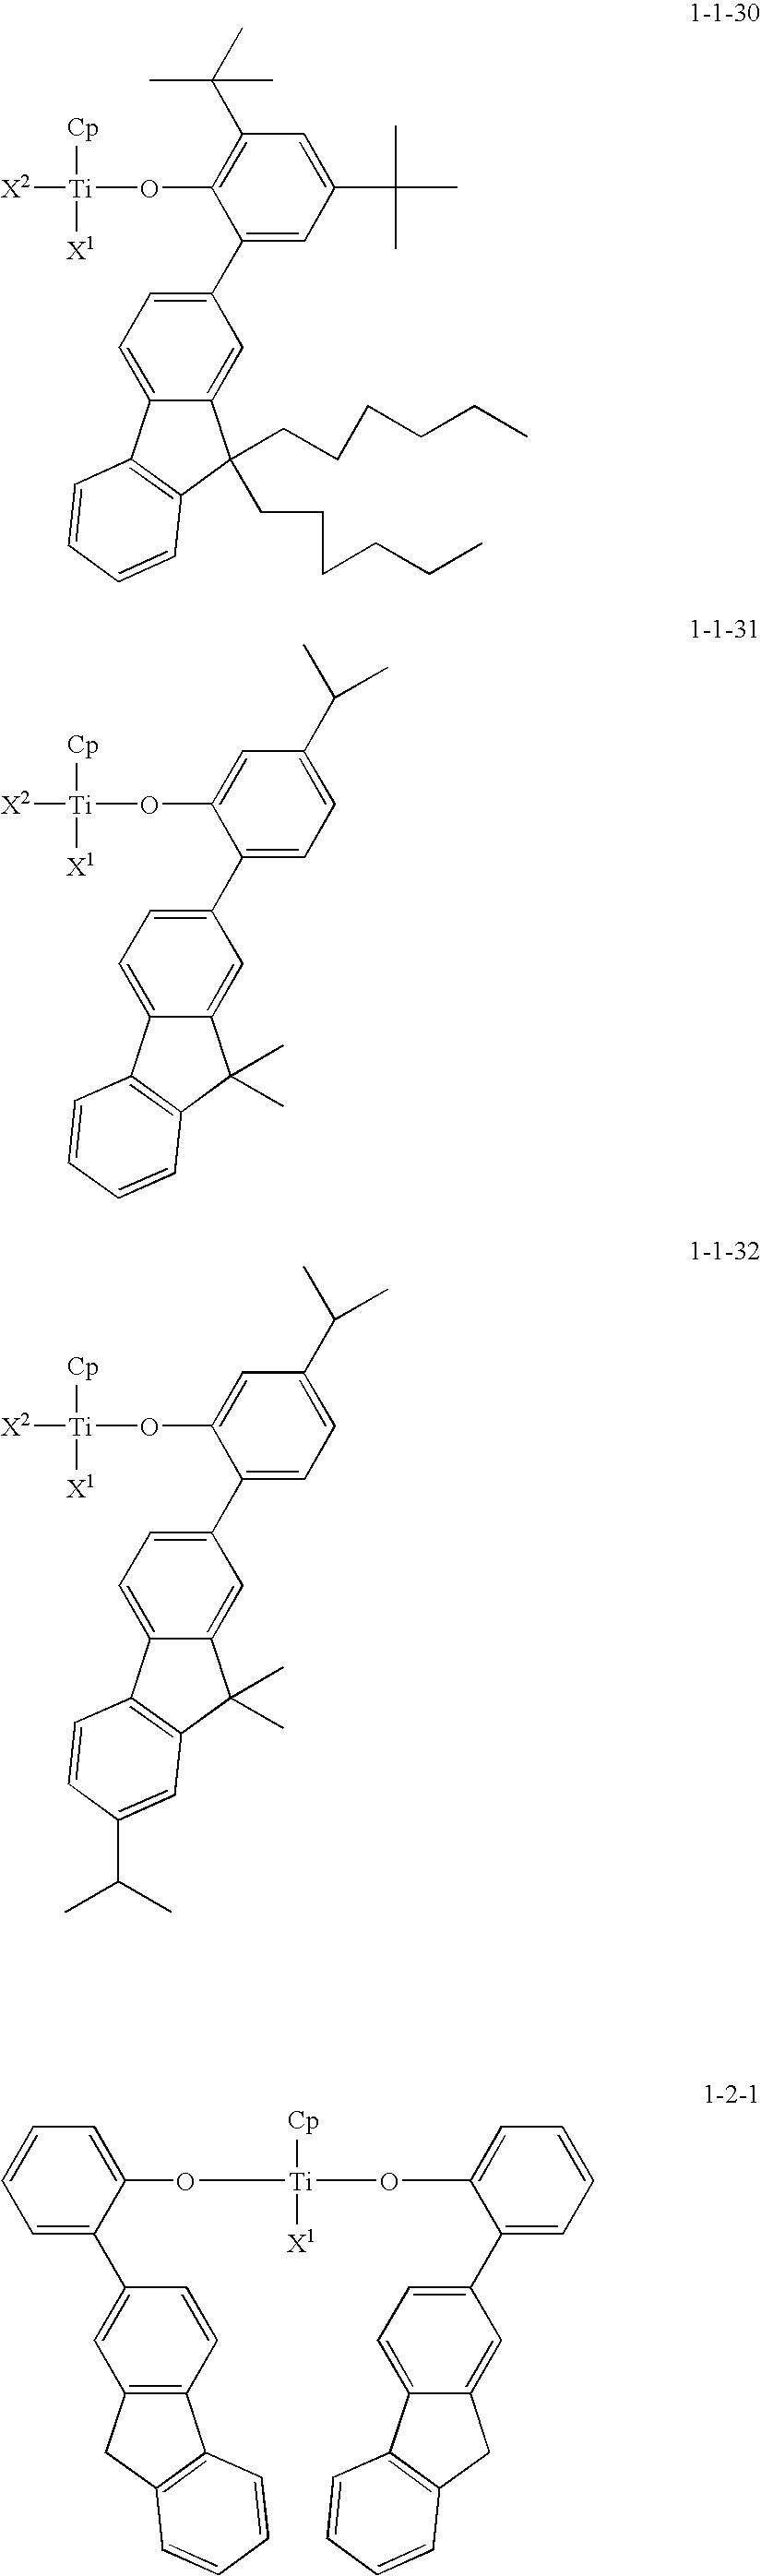 Figure US20100081776A1-20100401-C00033